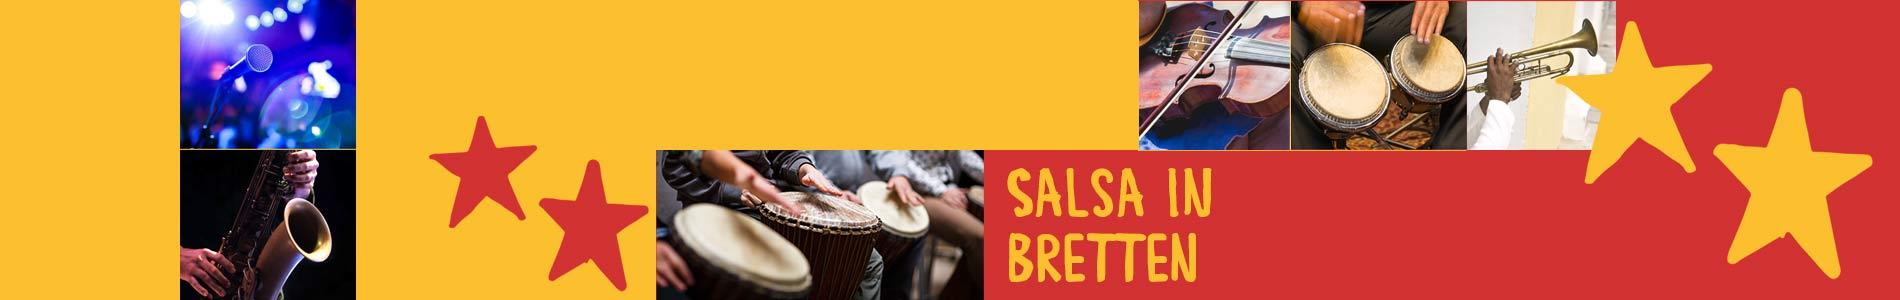 Salsa in Bretten – Salsa lernen und tanzen, Tanzkurse, Partys, Veranstaltungen